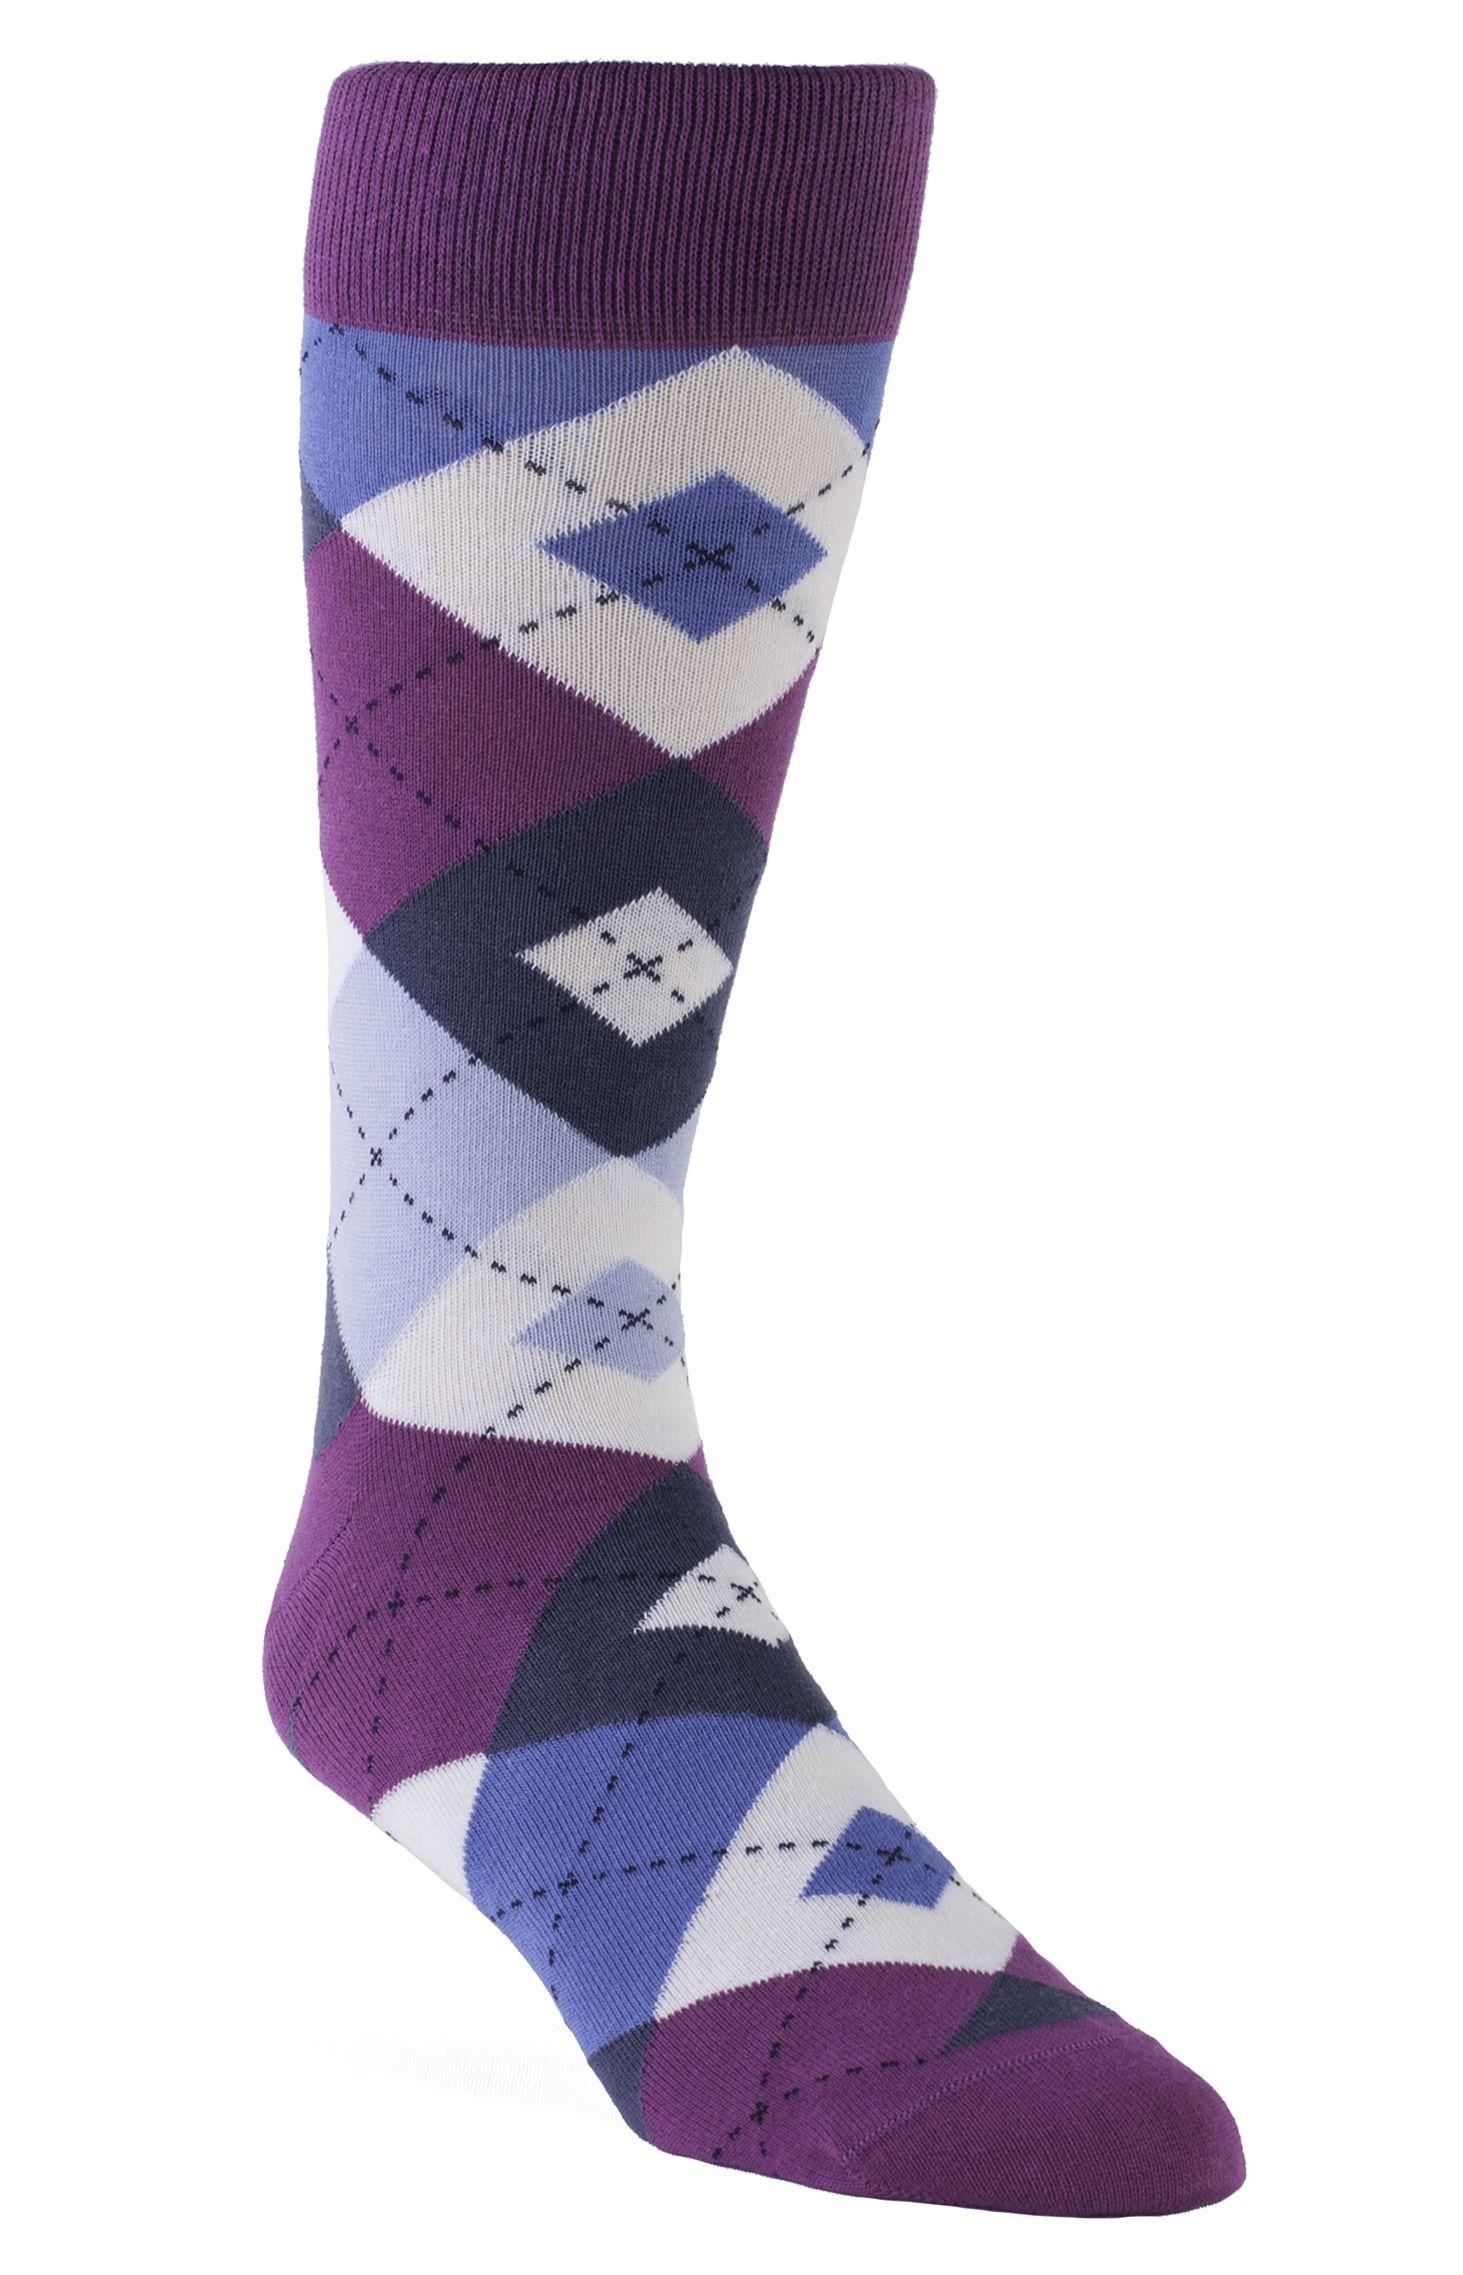 New Mens Alfani Spectrum Black Purple Block Plaid Crew Dress Socks 10-13